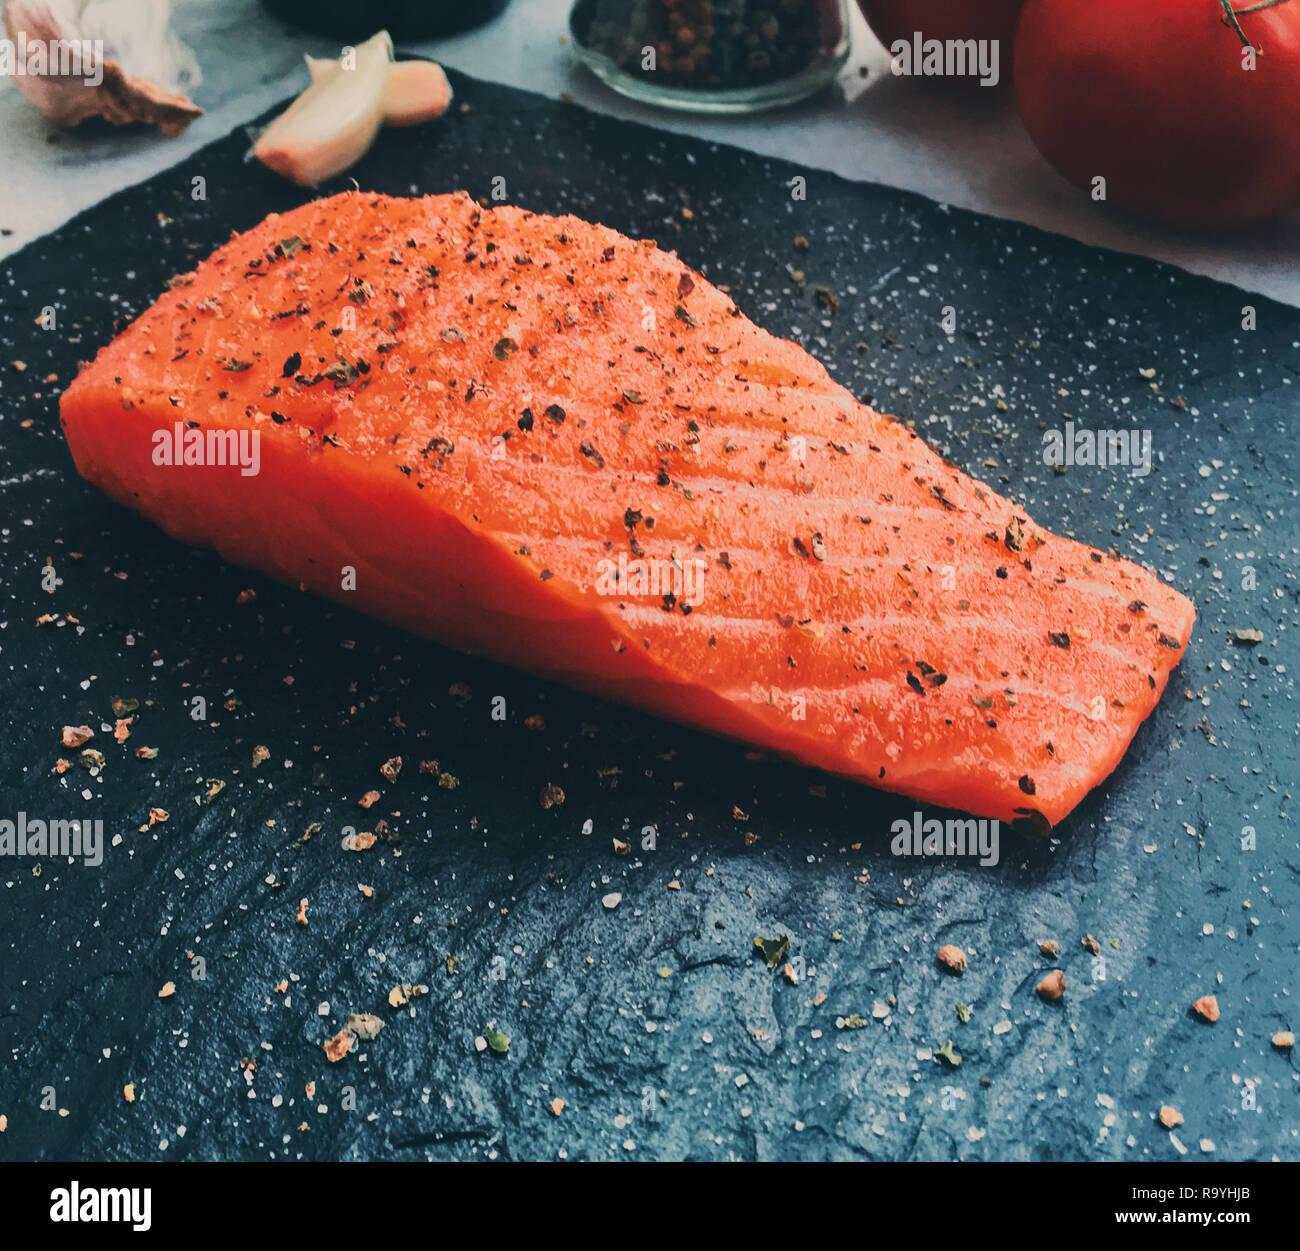 Roh marinierter Lachs - gesunde Ernährung und mediterrane ...